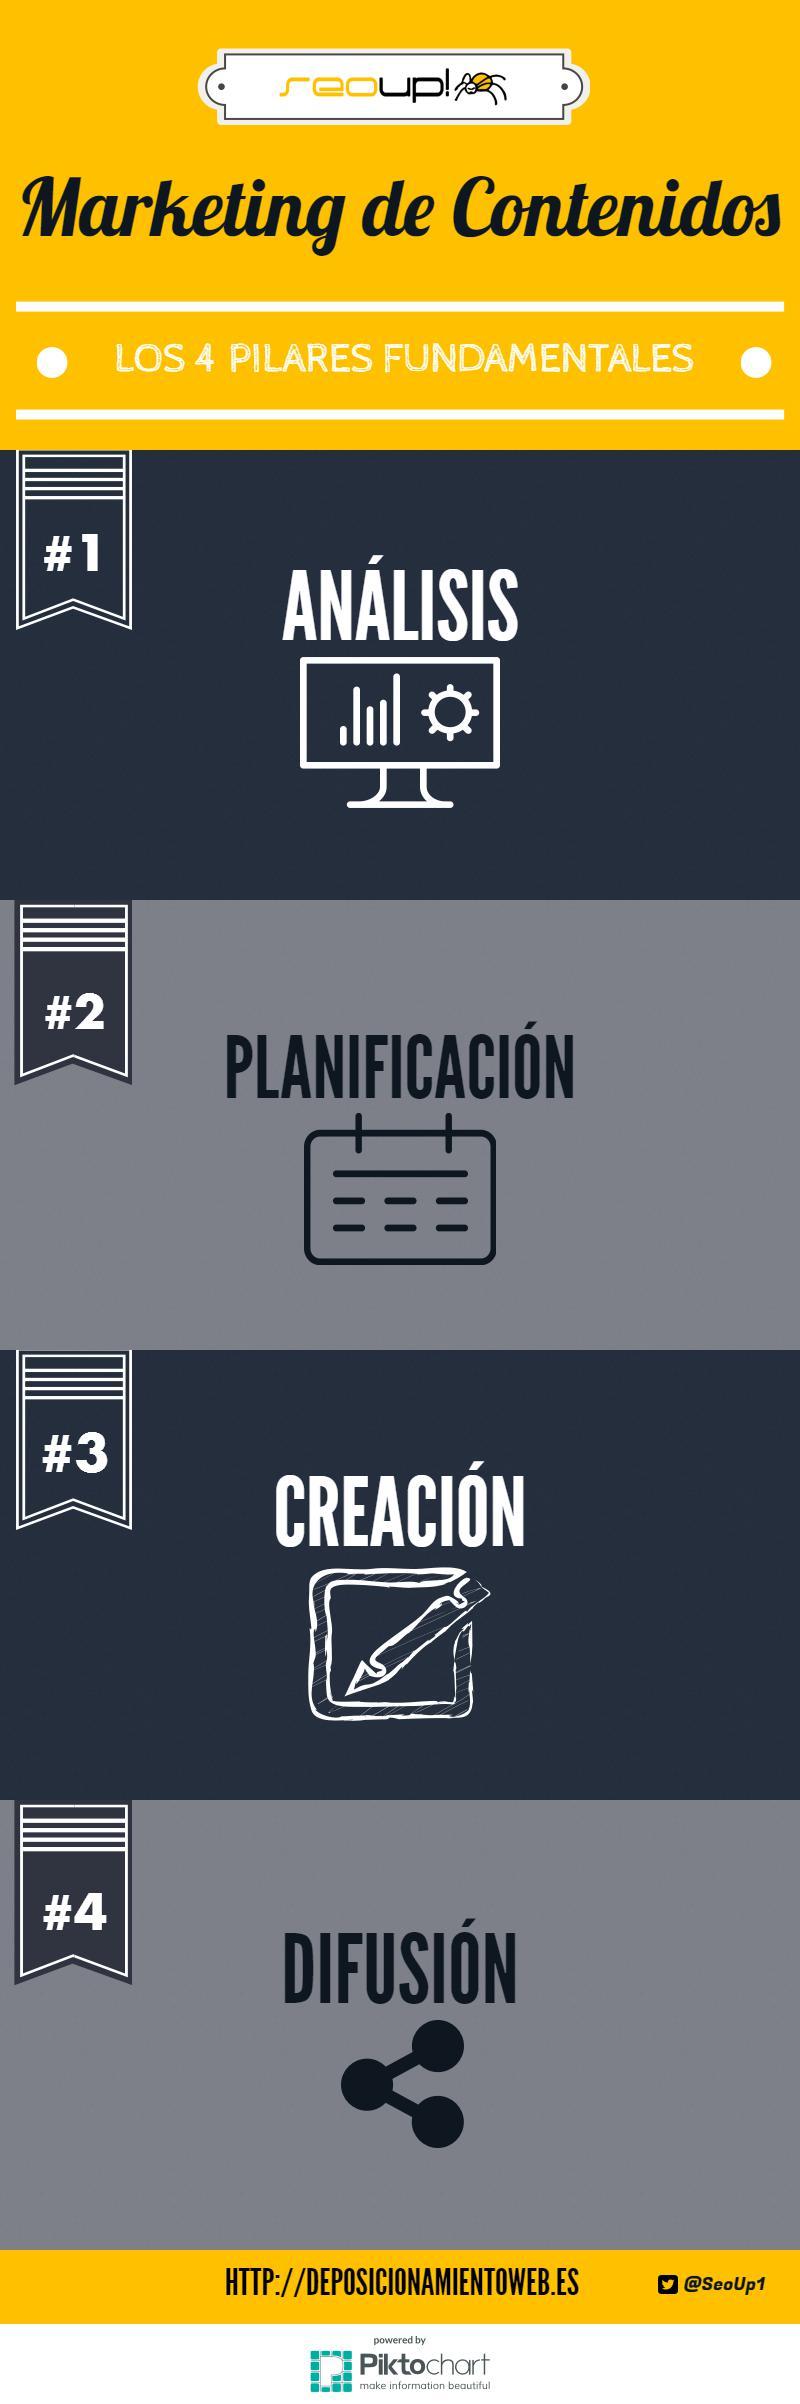 Infografía: Los 4 pilares fundamentales del marketing de contenidos.